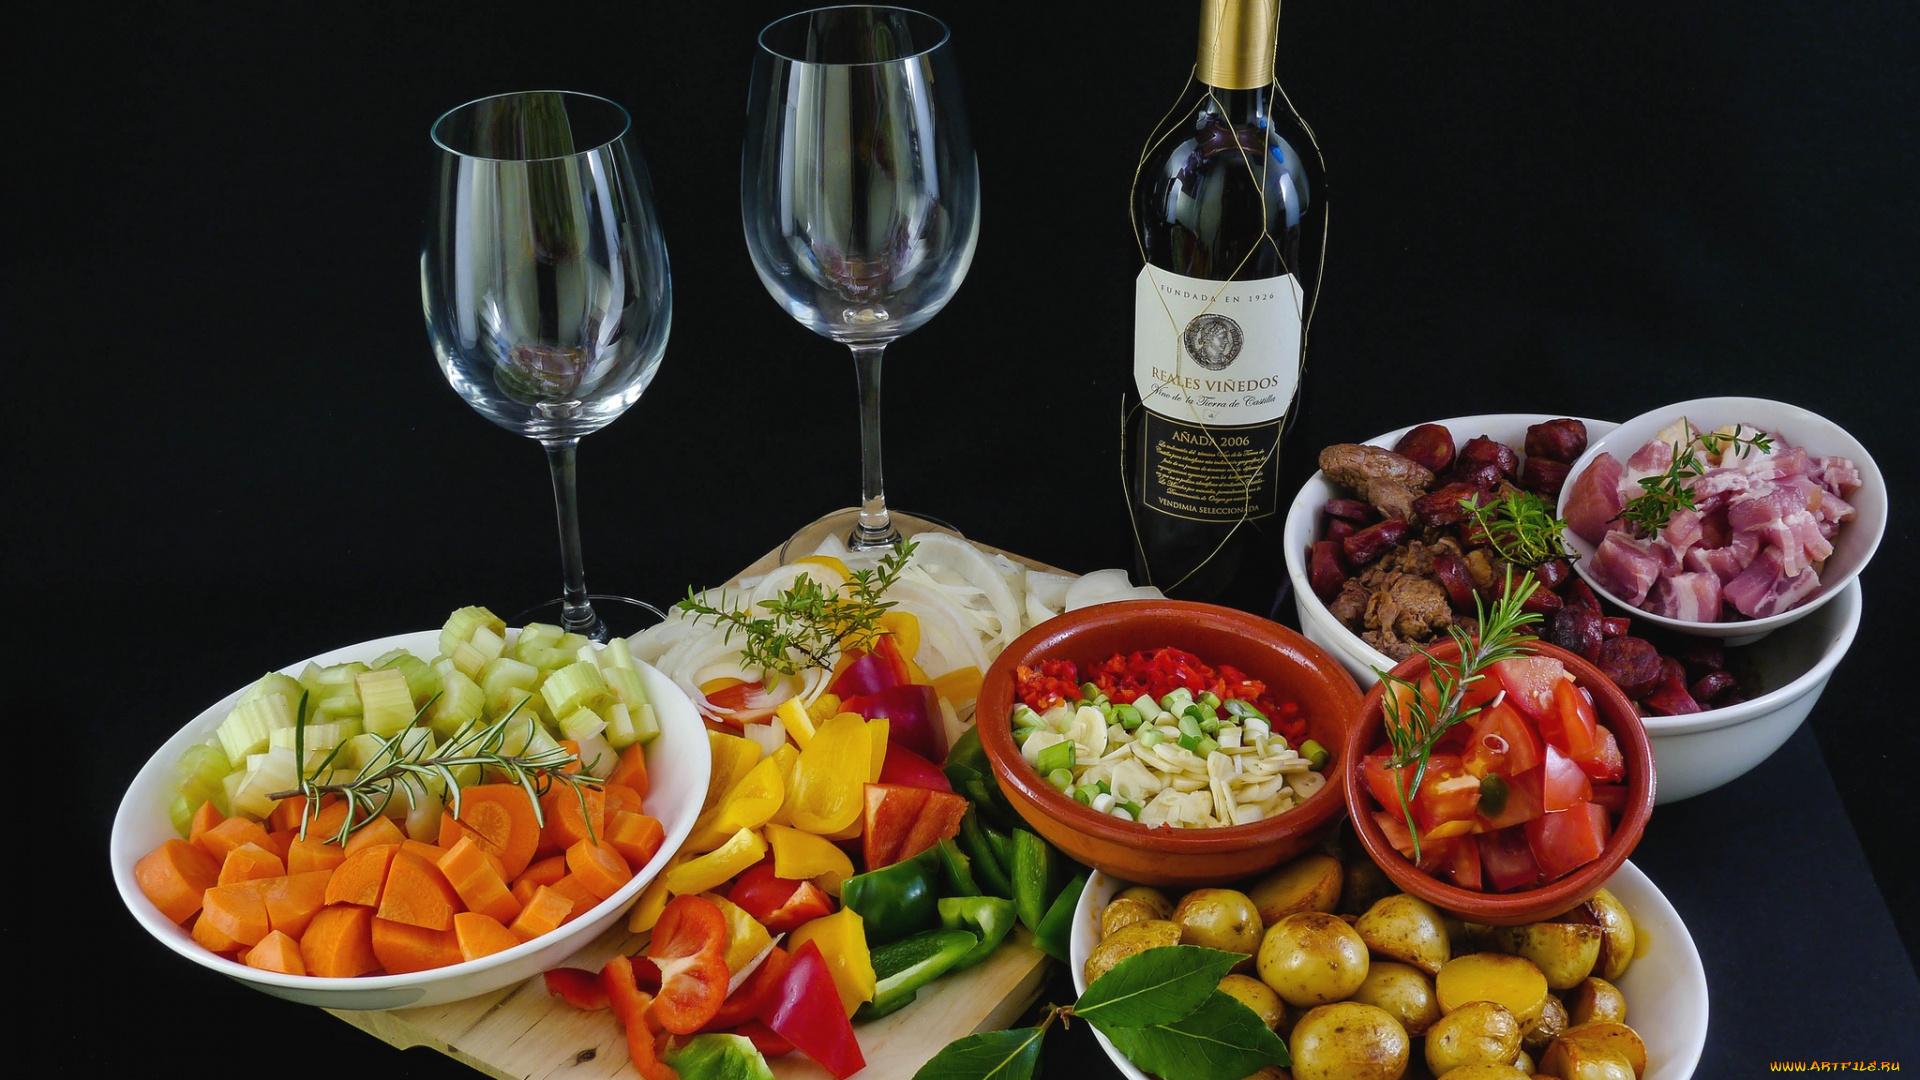 красивые картинки с вином и закуской перелистает